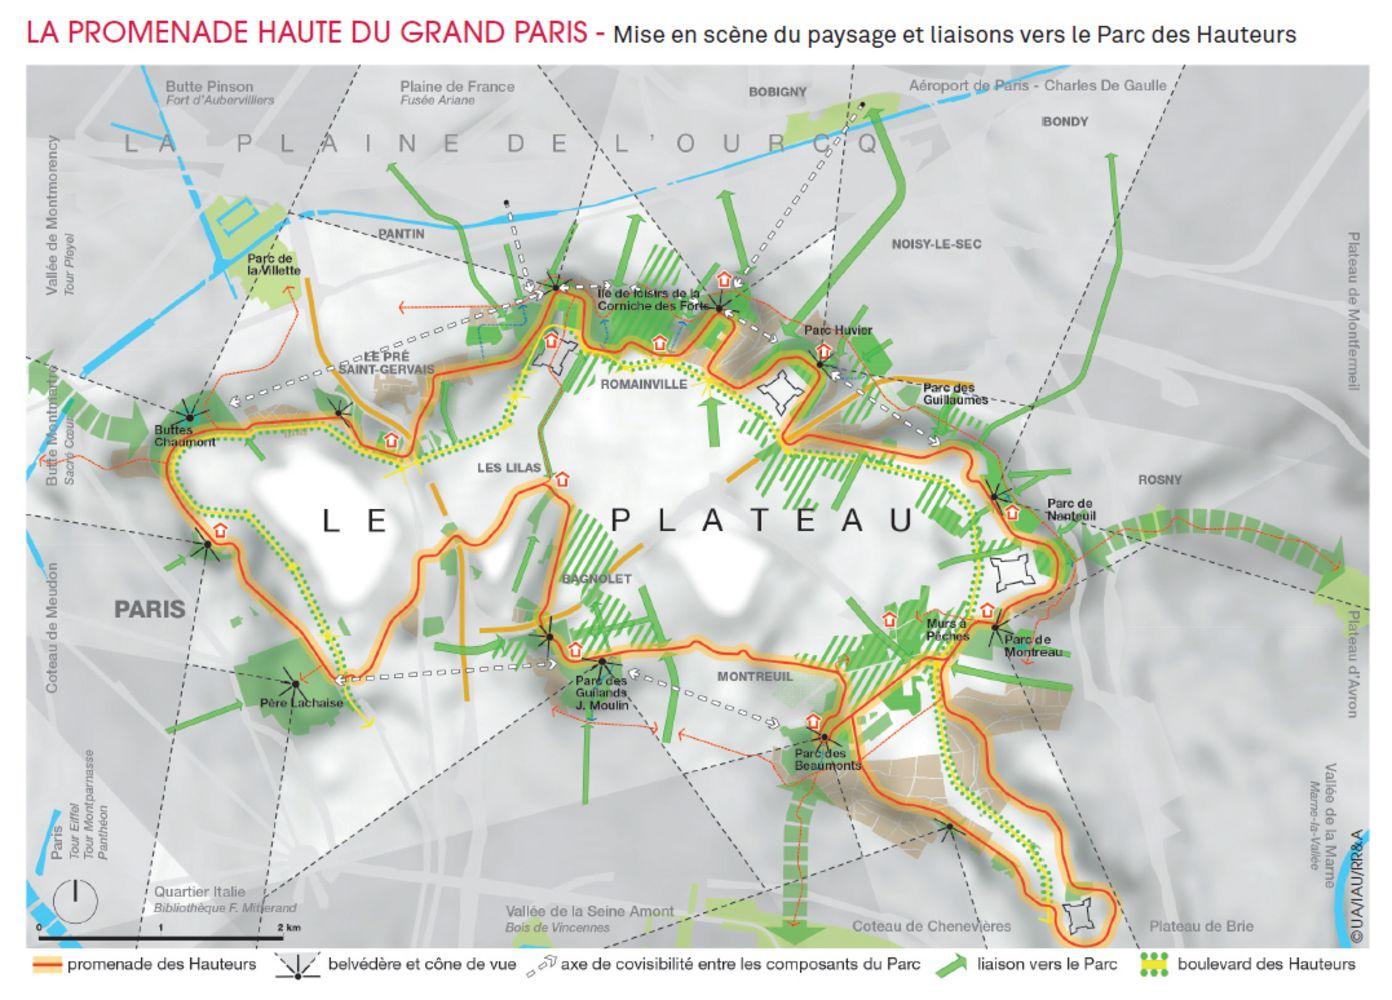 Carte du Parc des Hauteurs réalisée par l'IAU IDF